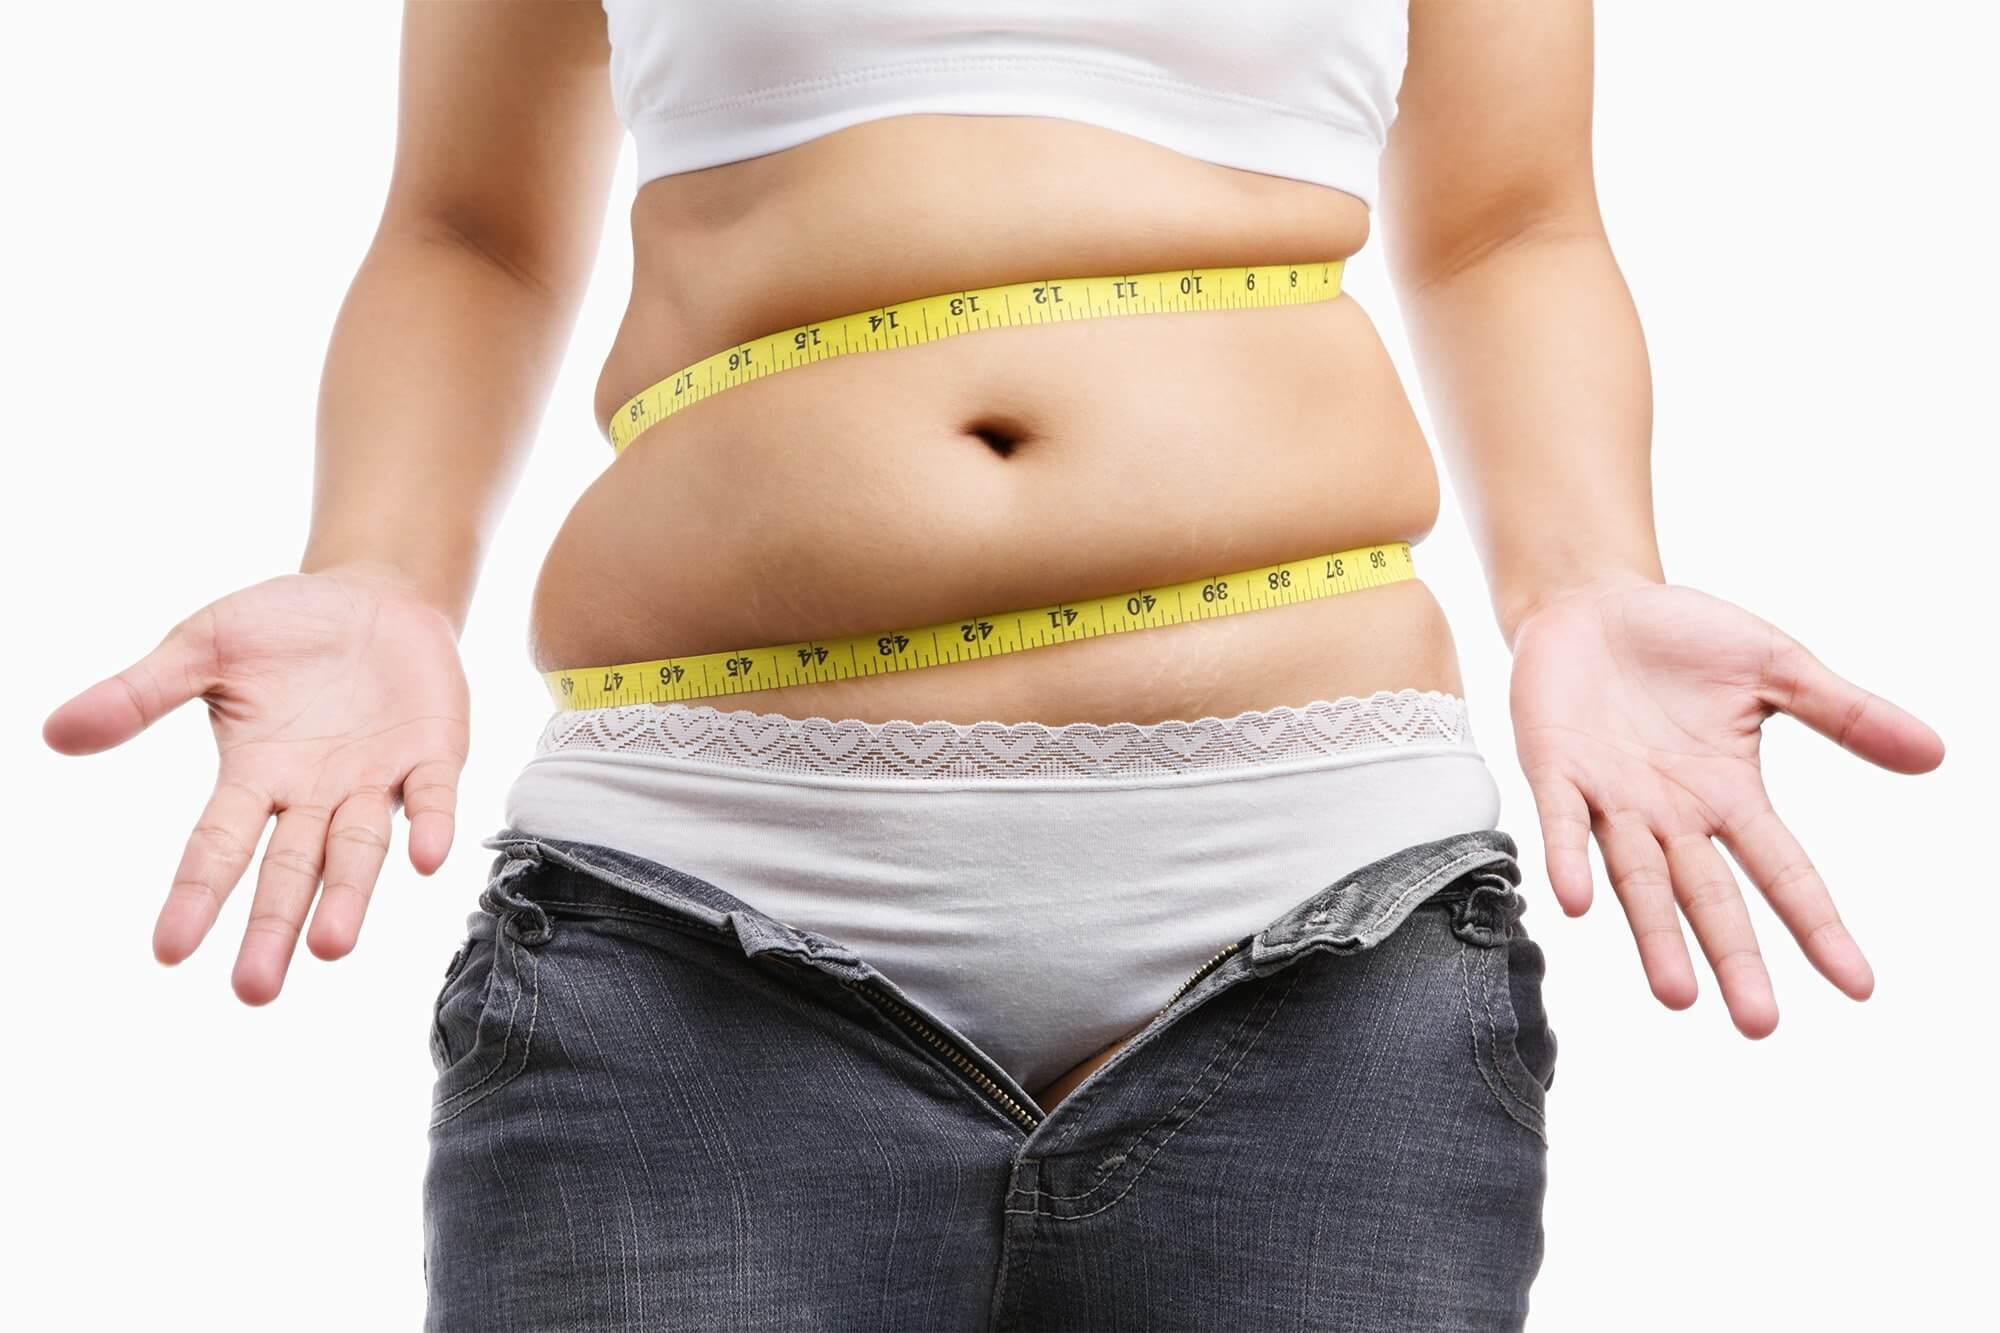 лишний вес причина развития проблем с коленями